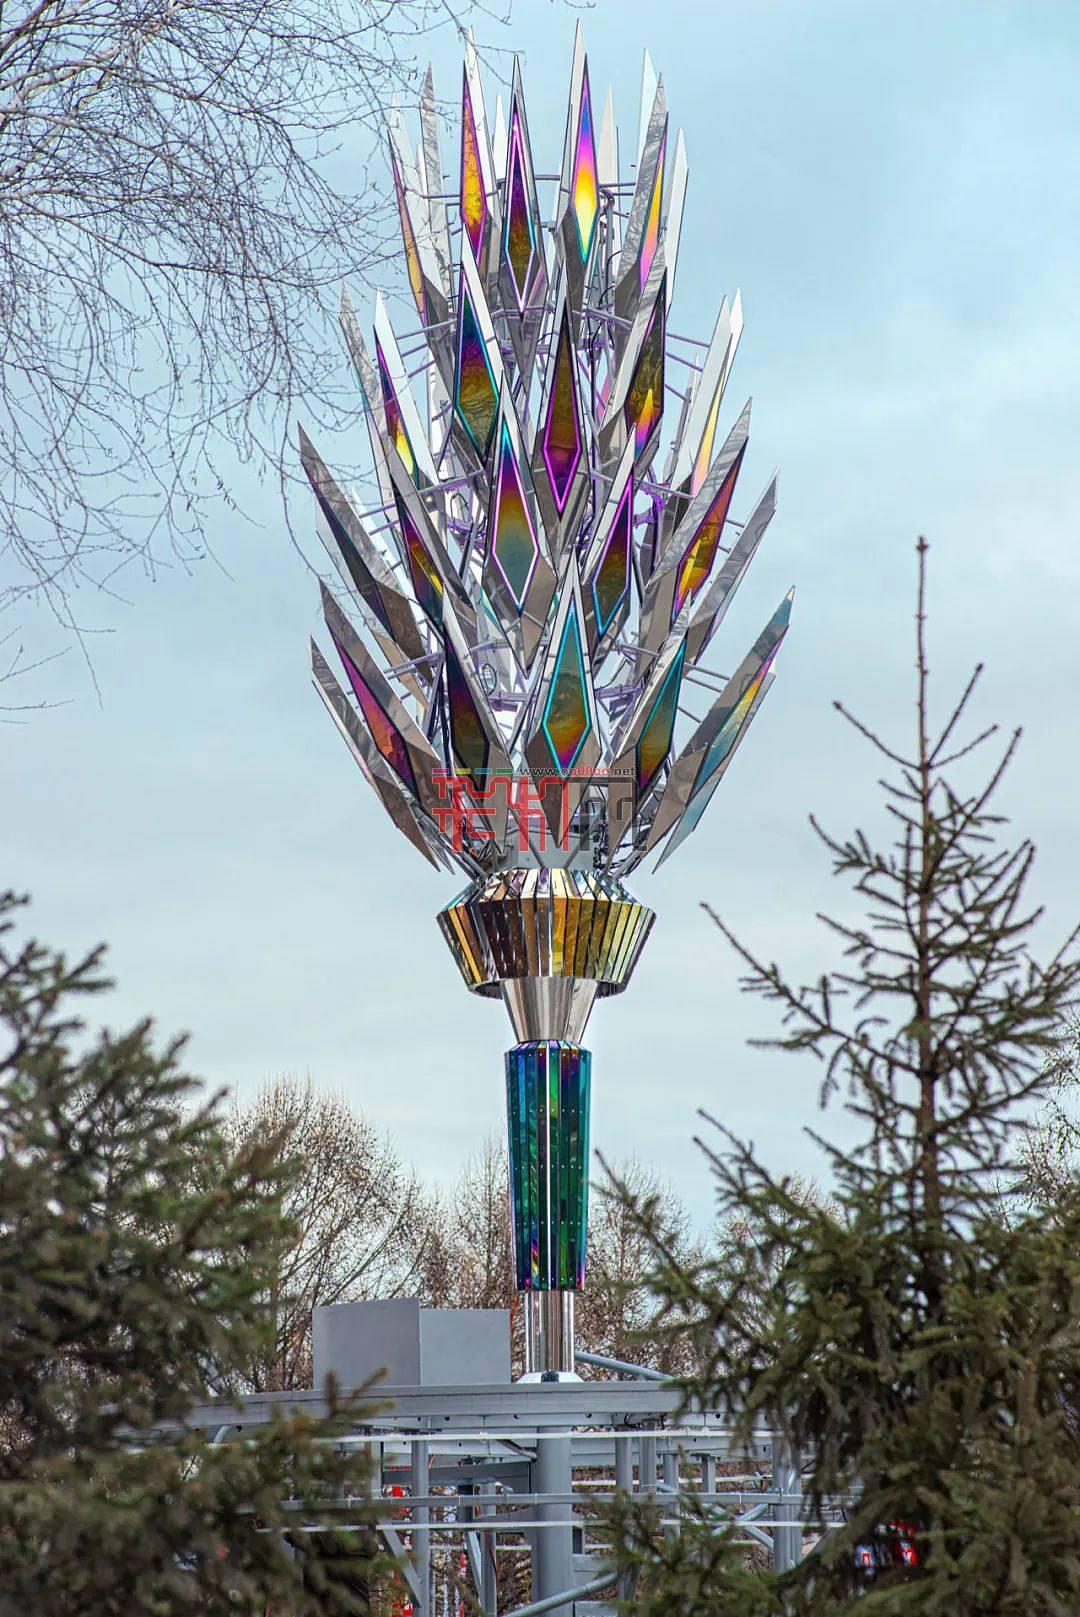 公共藝術裝置帶觀景臺雕塑